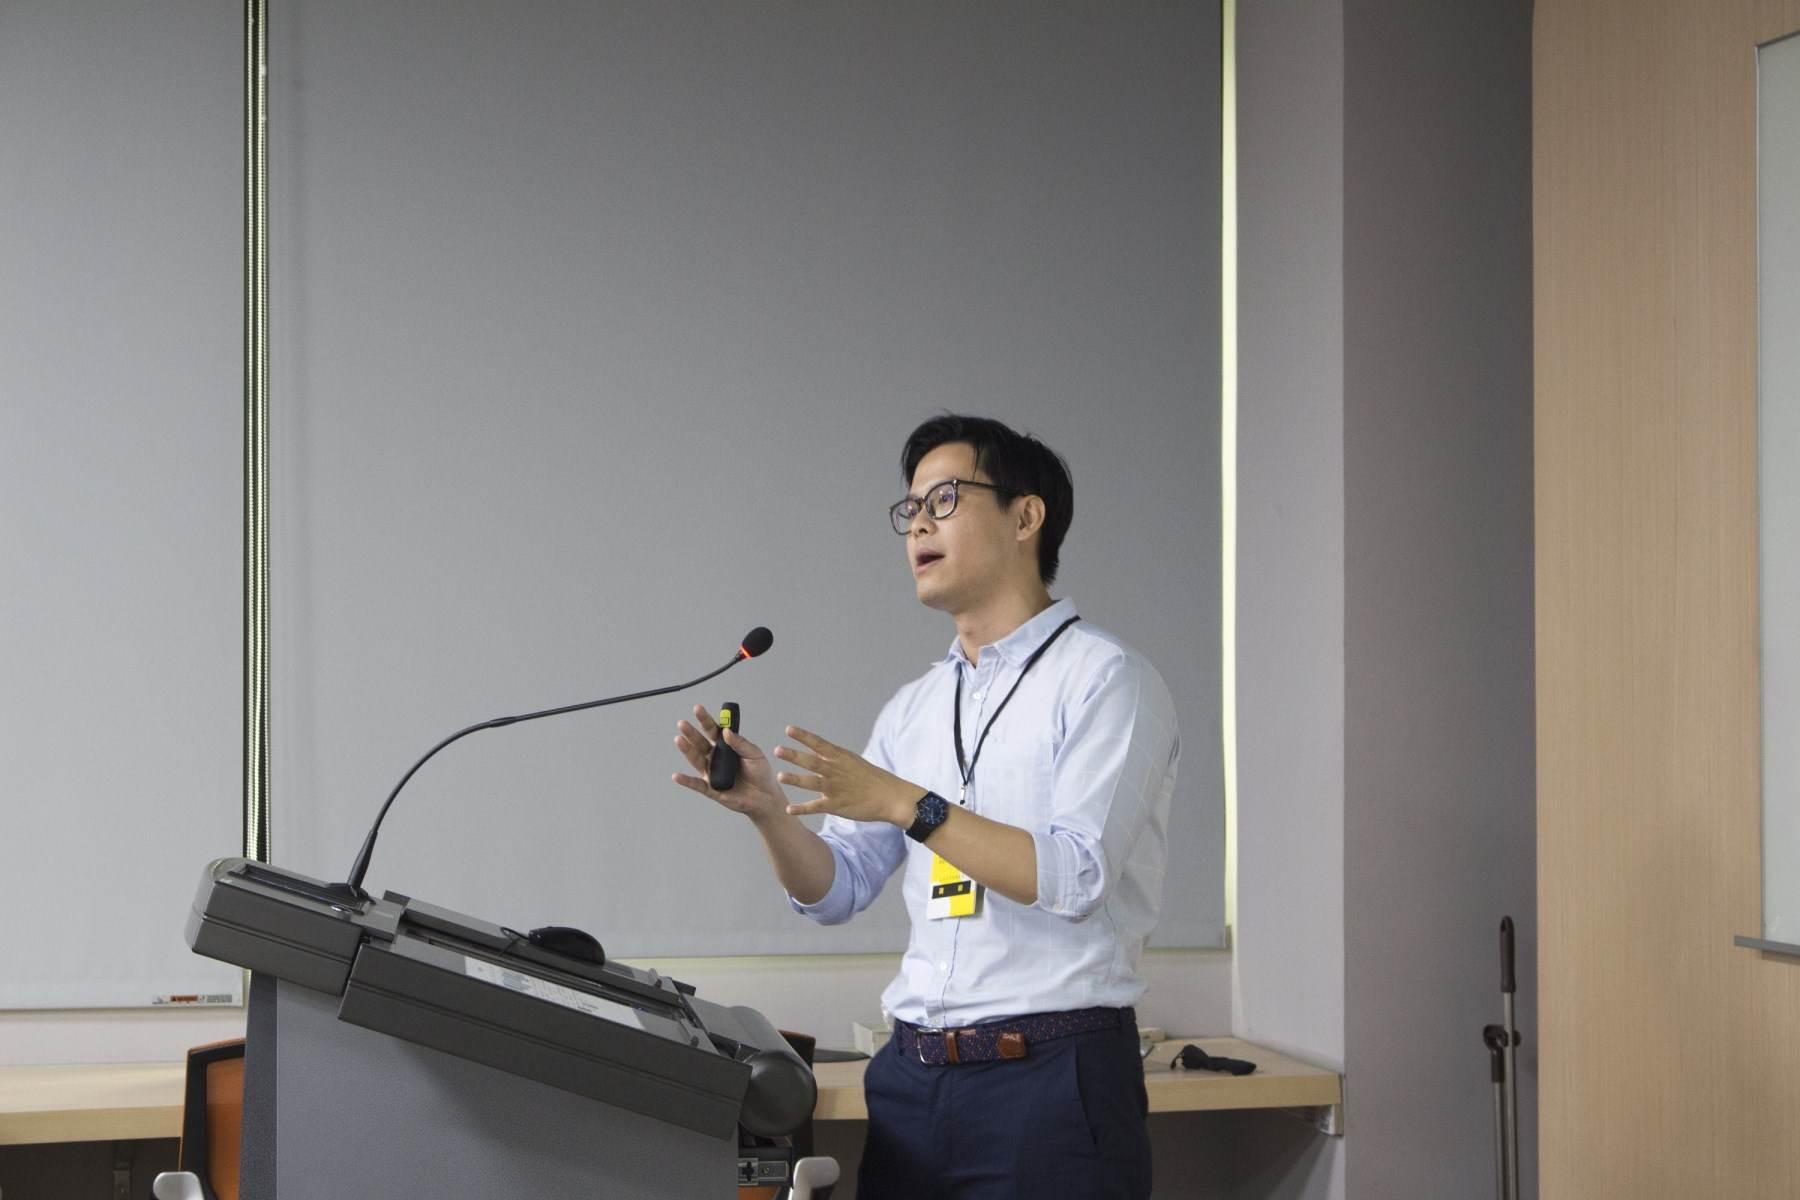 國立台灣科技大學建築系教授陳彥廷講座分享